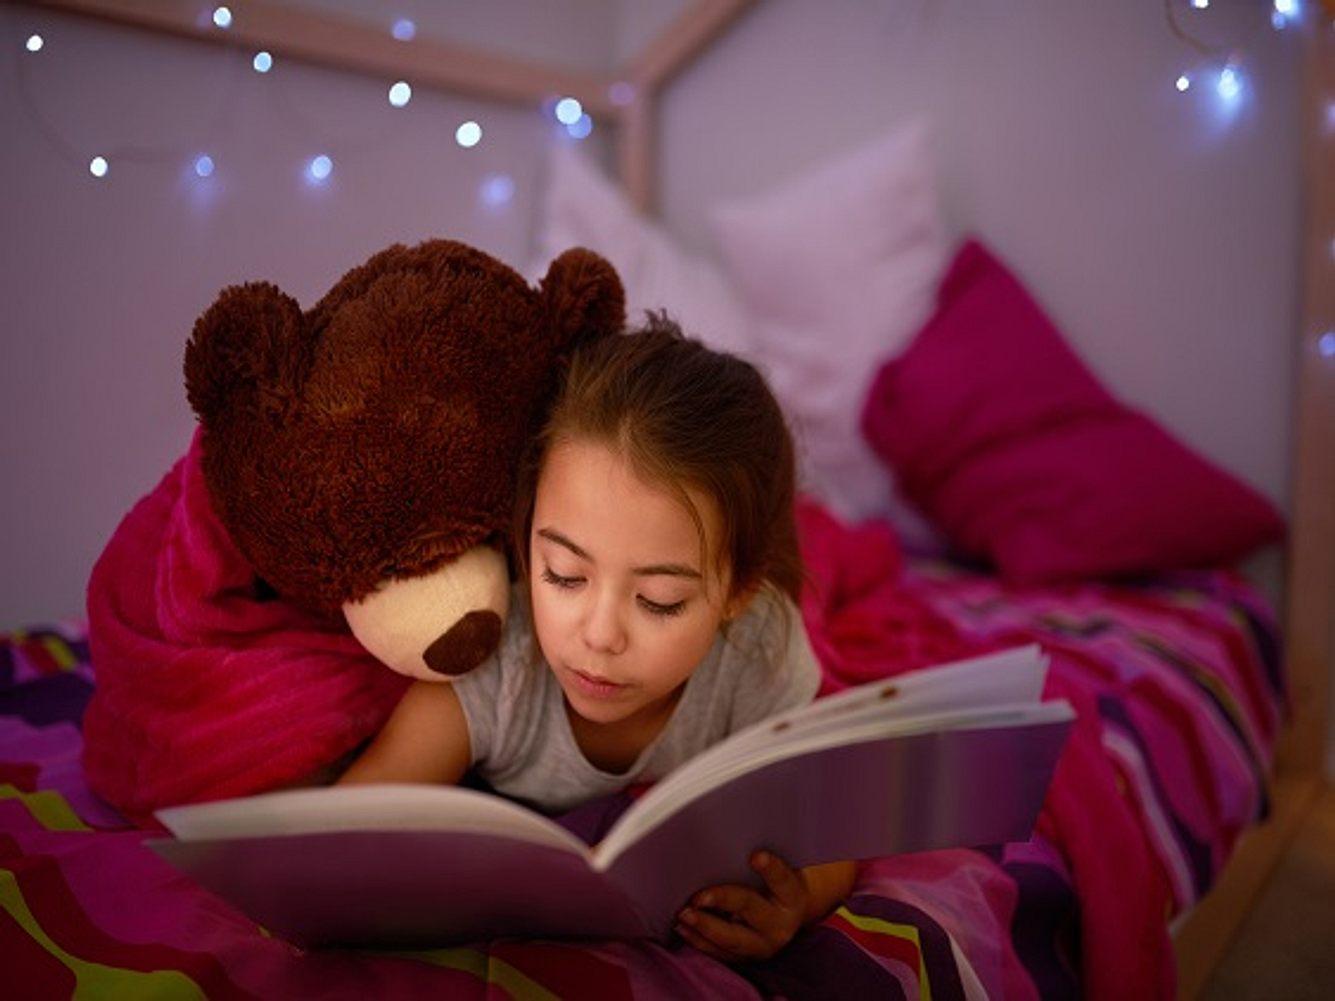 Braunhaariges Mädchen liegt lesend auf Bett